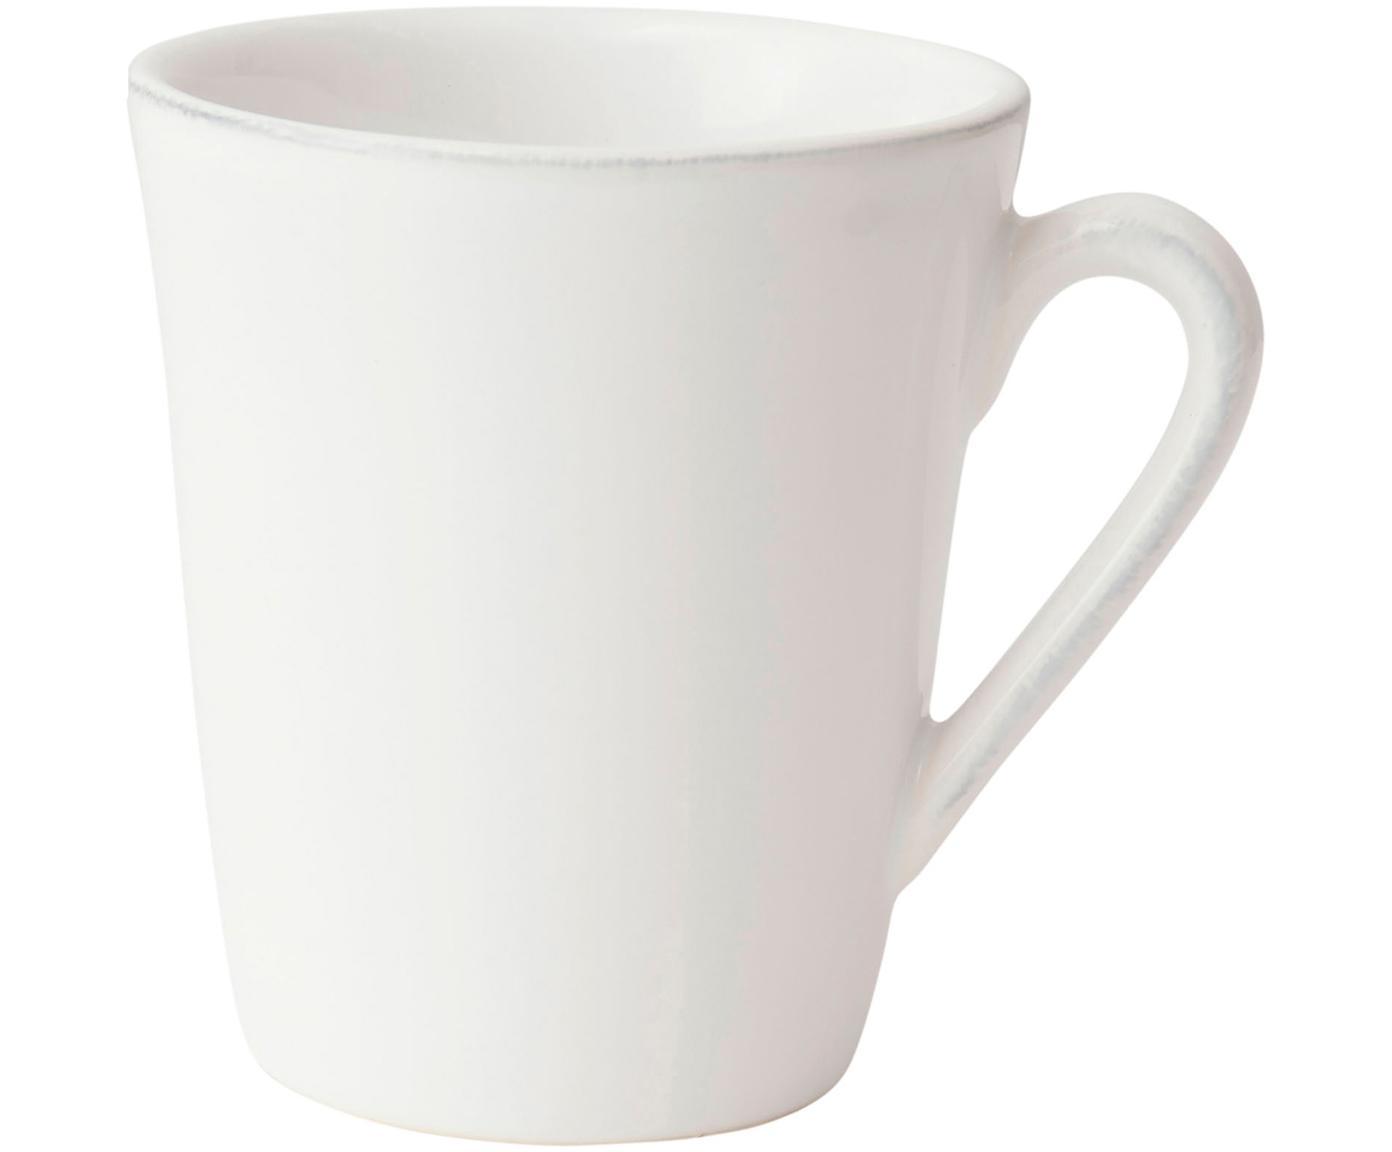 Tassen Constance im Landhaus Style, 2 Stück, Steingut, Weiß, Ø 9 x H 10 cm